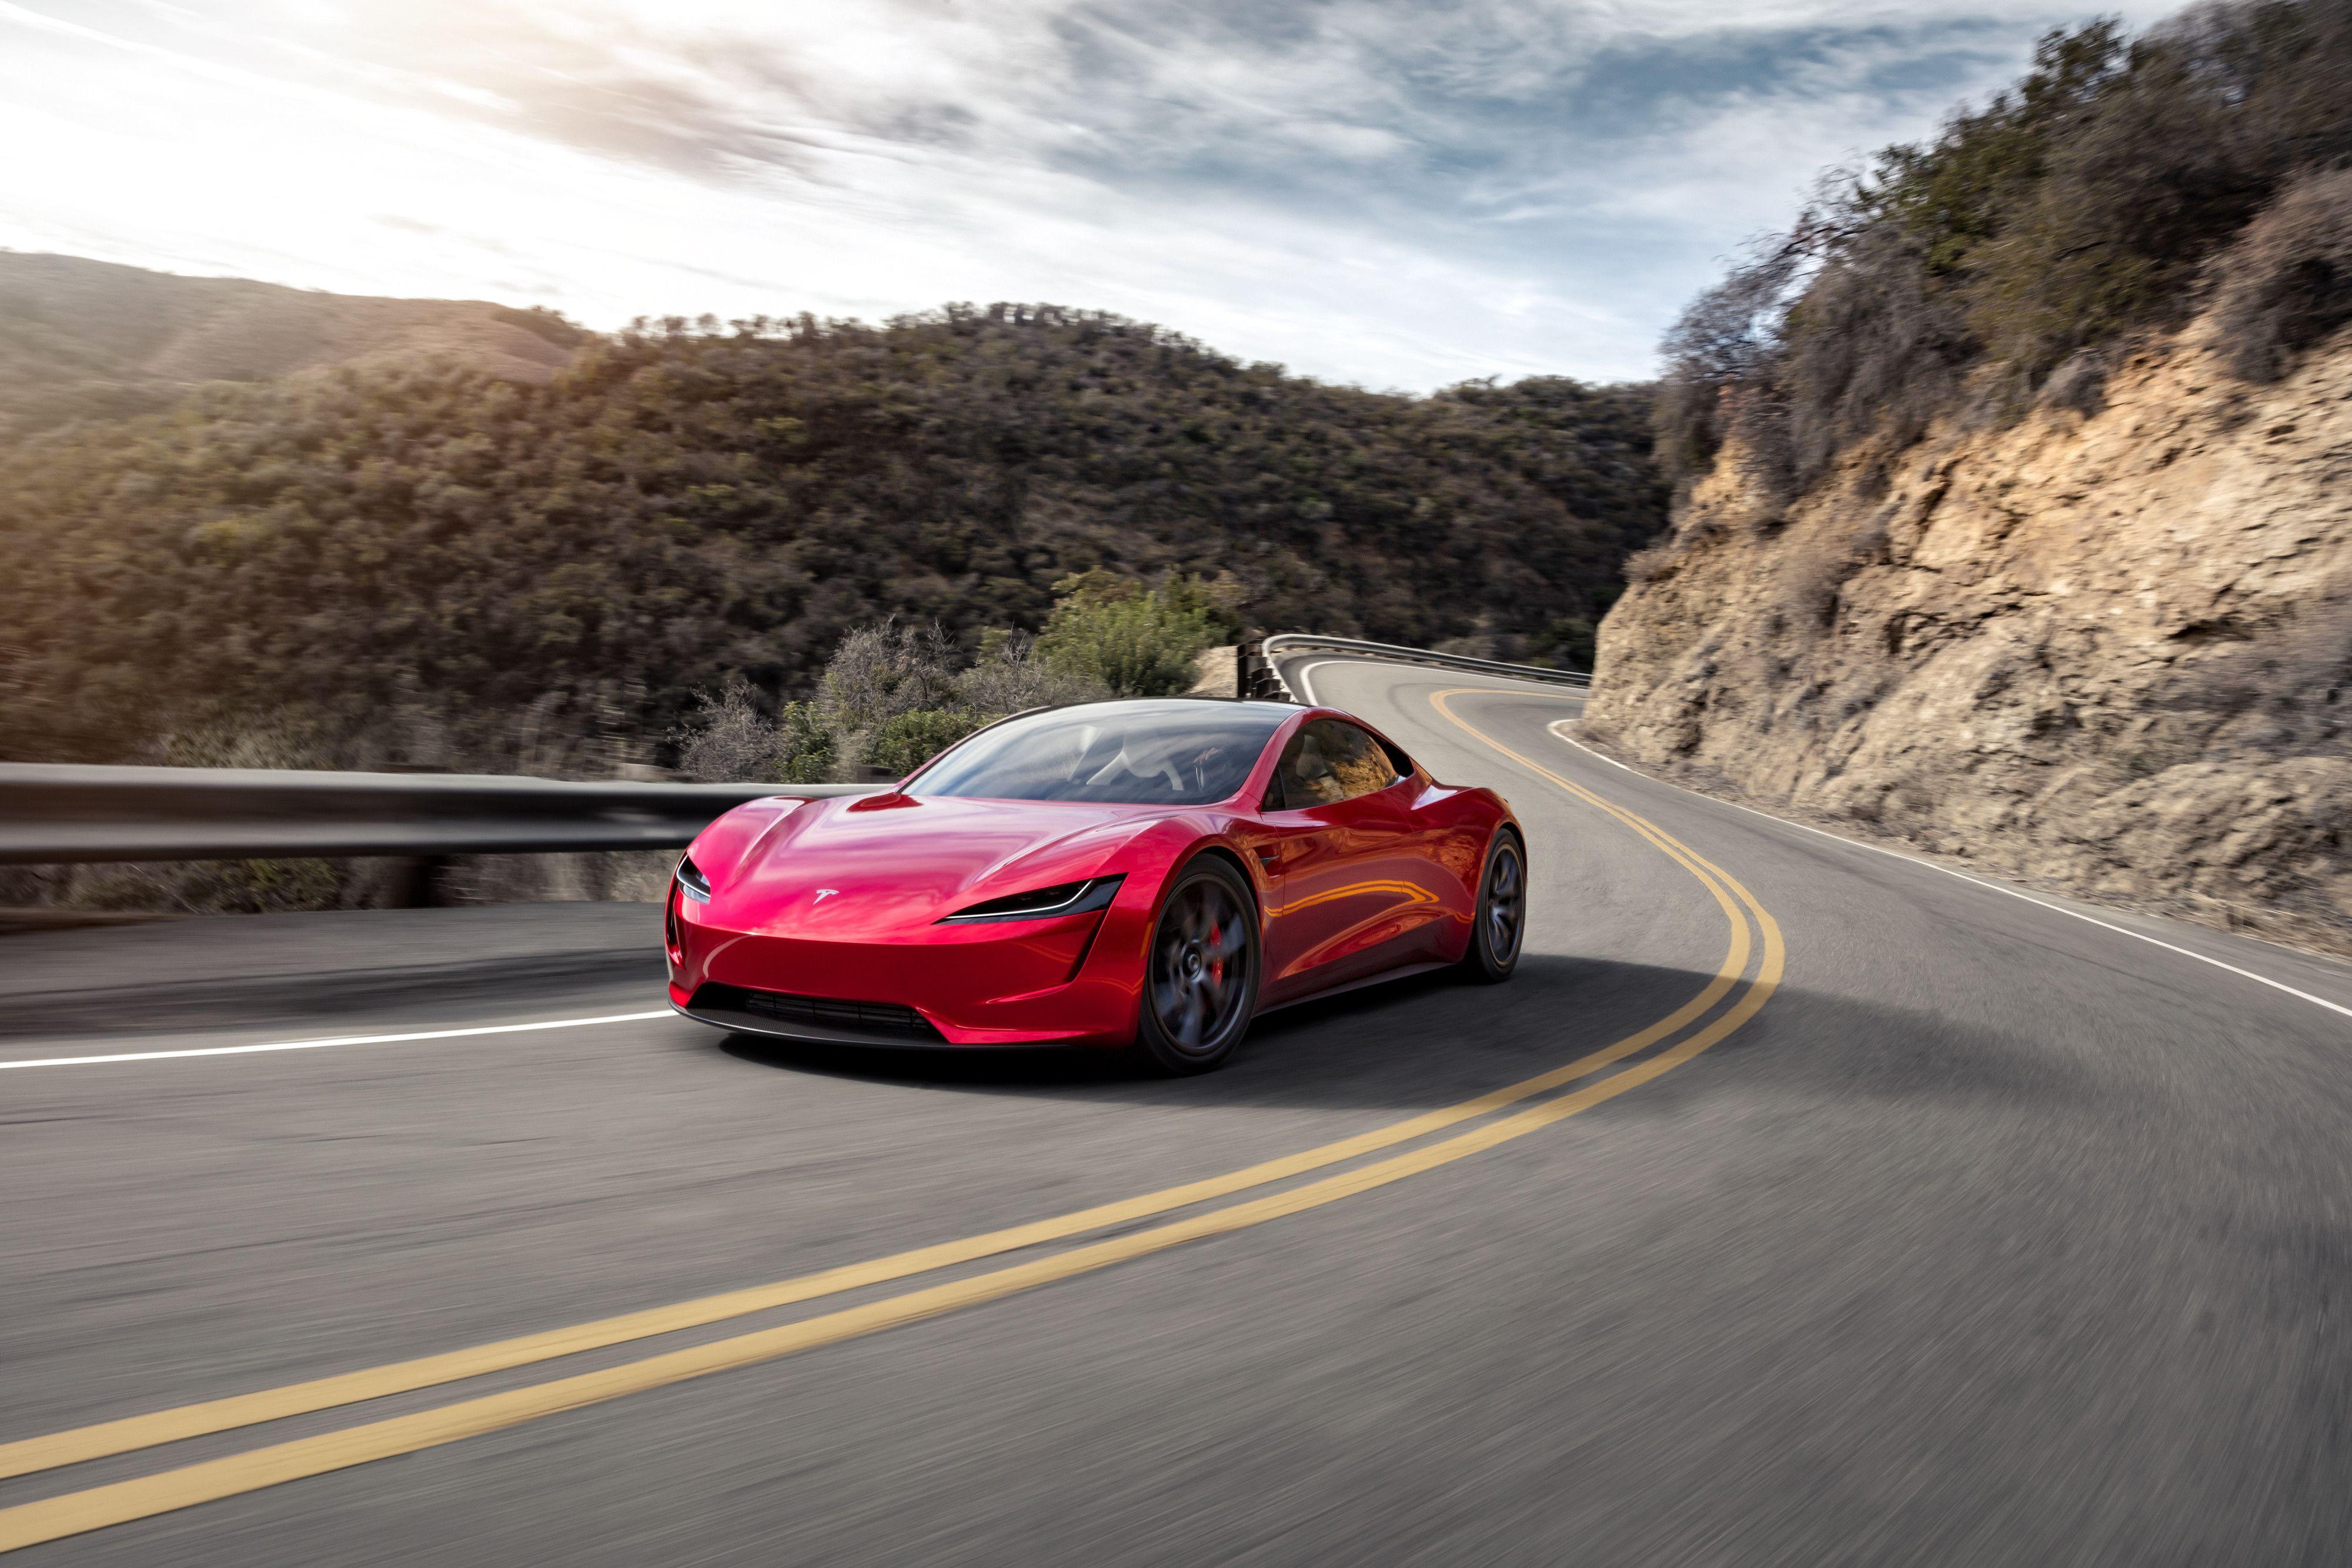 Tương lai xe điện: Thiết kế pin để tăng cường sức mạnh cho xe, mở rộng phạm vi hoạt động - Ảnh 3